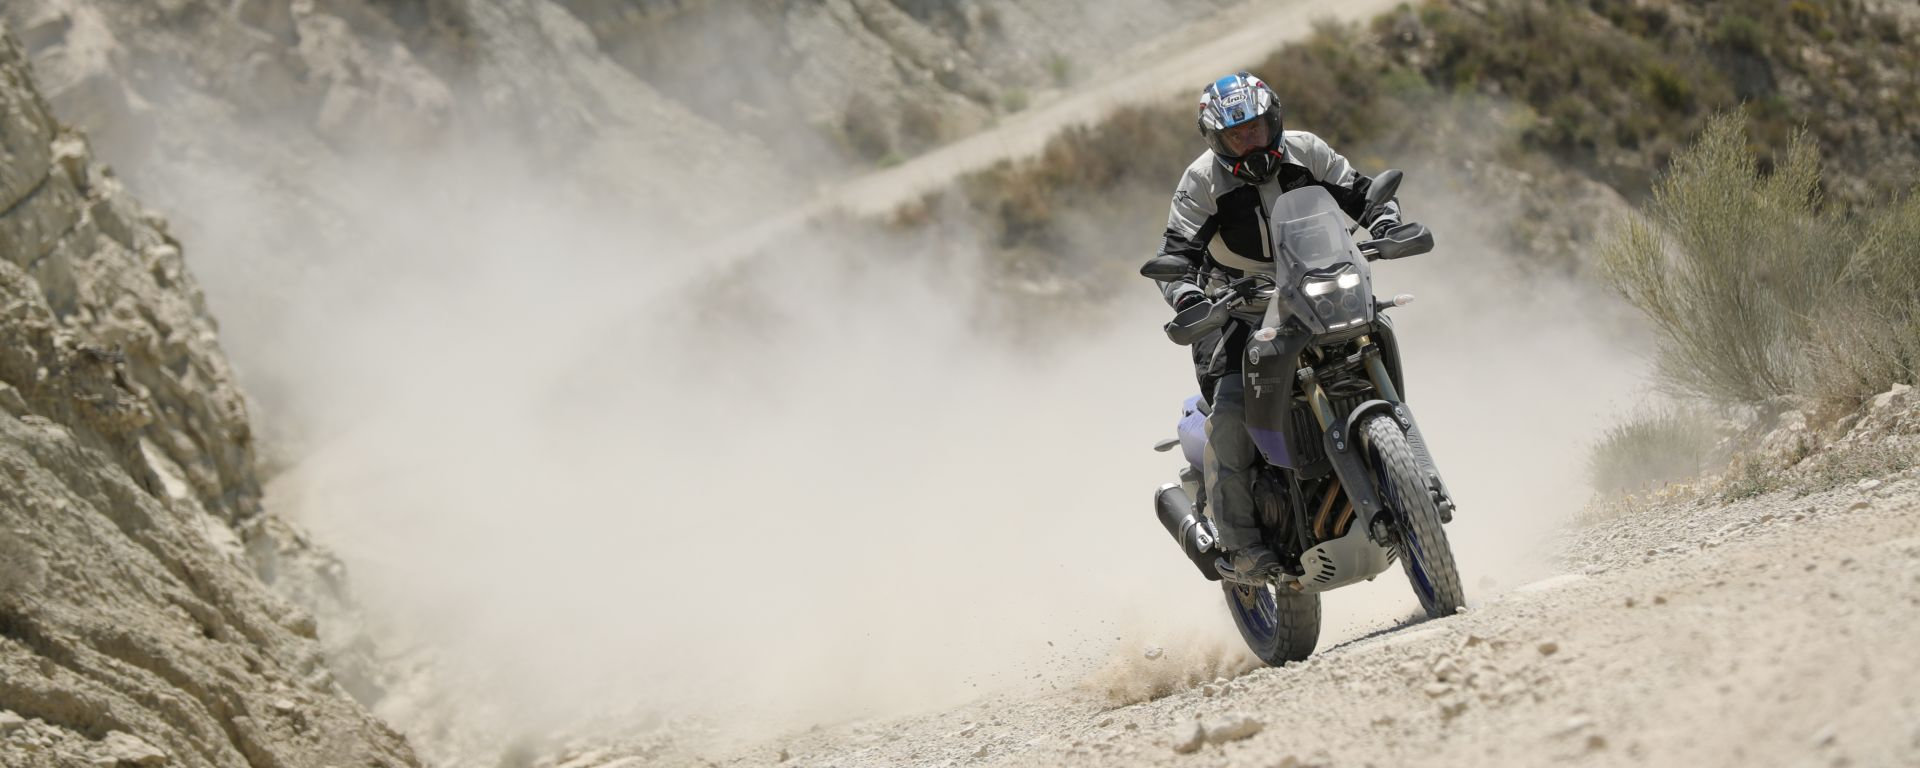 Abbiamo provato la nuova Yamaha Tenere 700: ecco come va